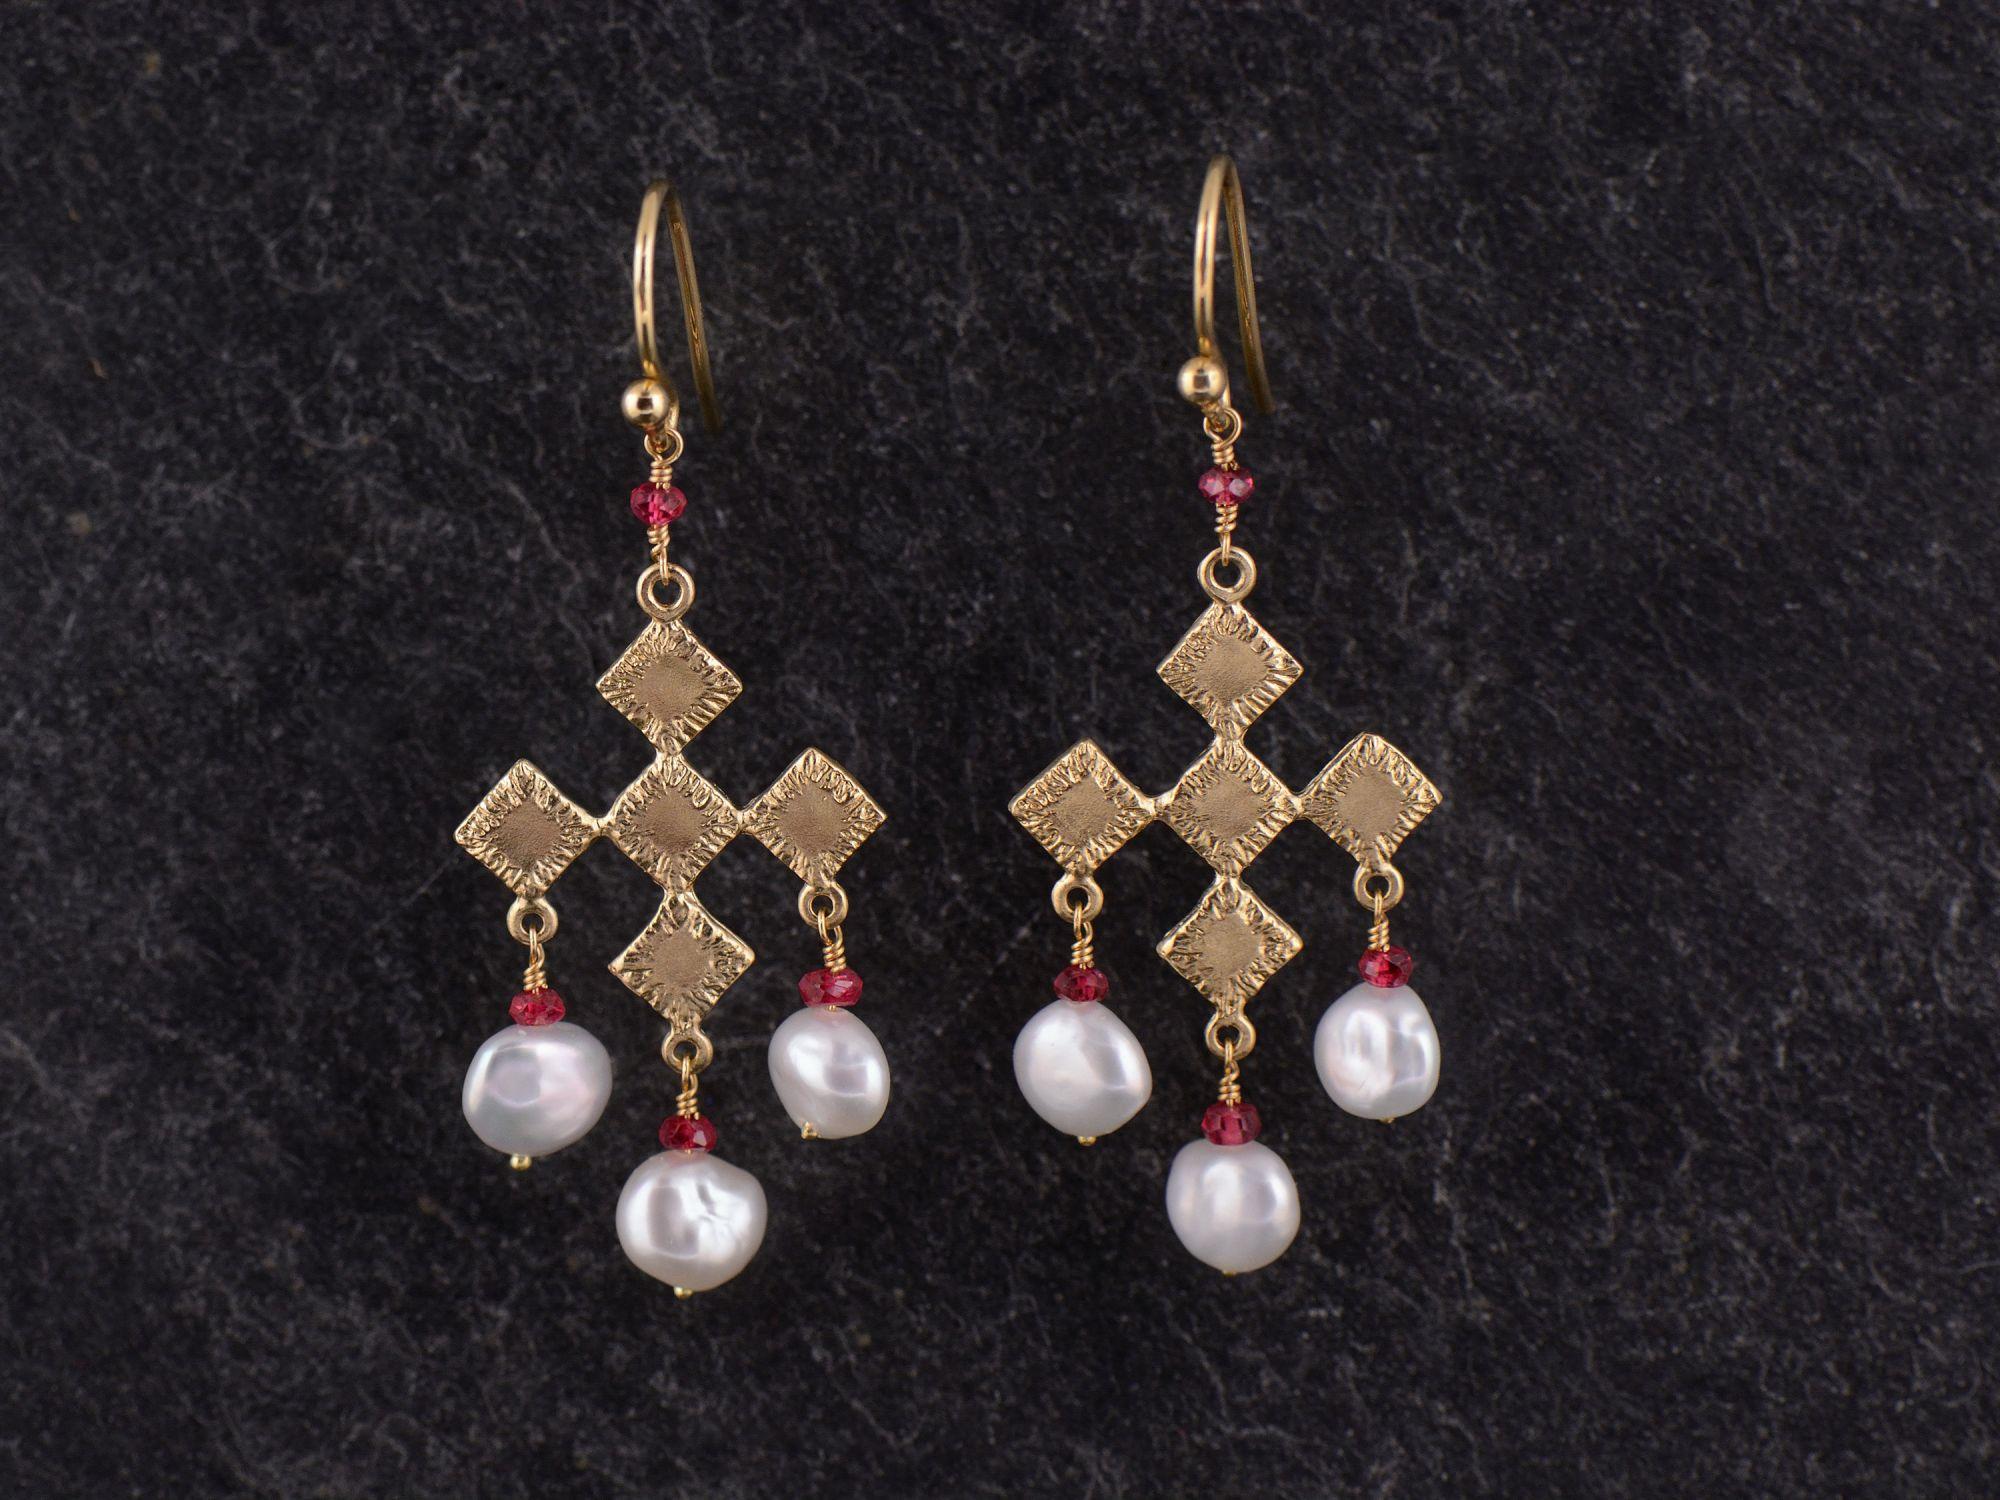 BO Sitia vermeil perles de culture  par Emmanuelle Zysman